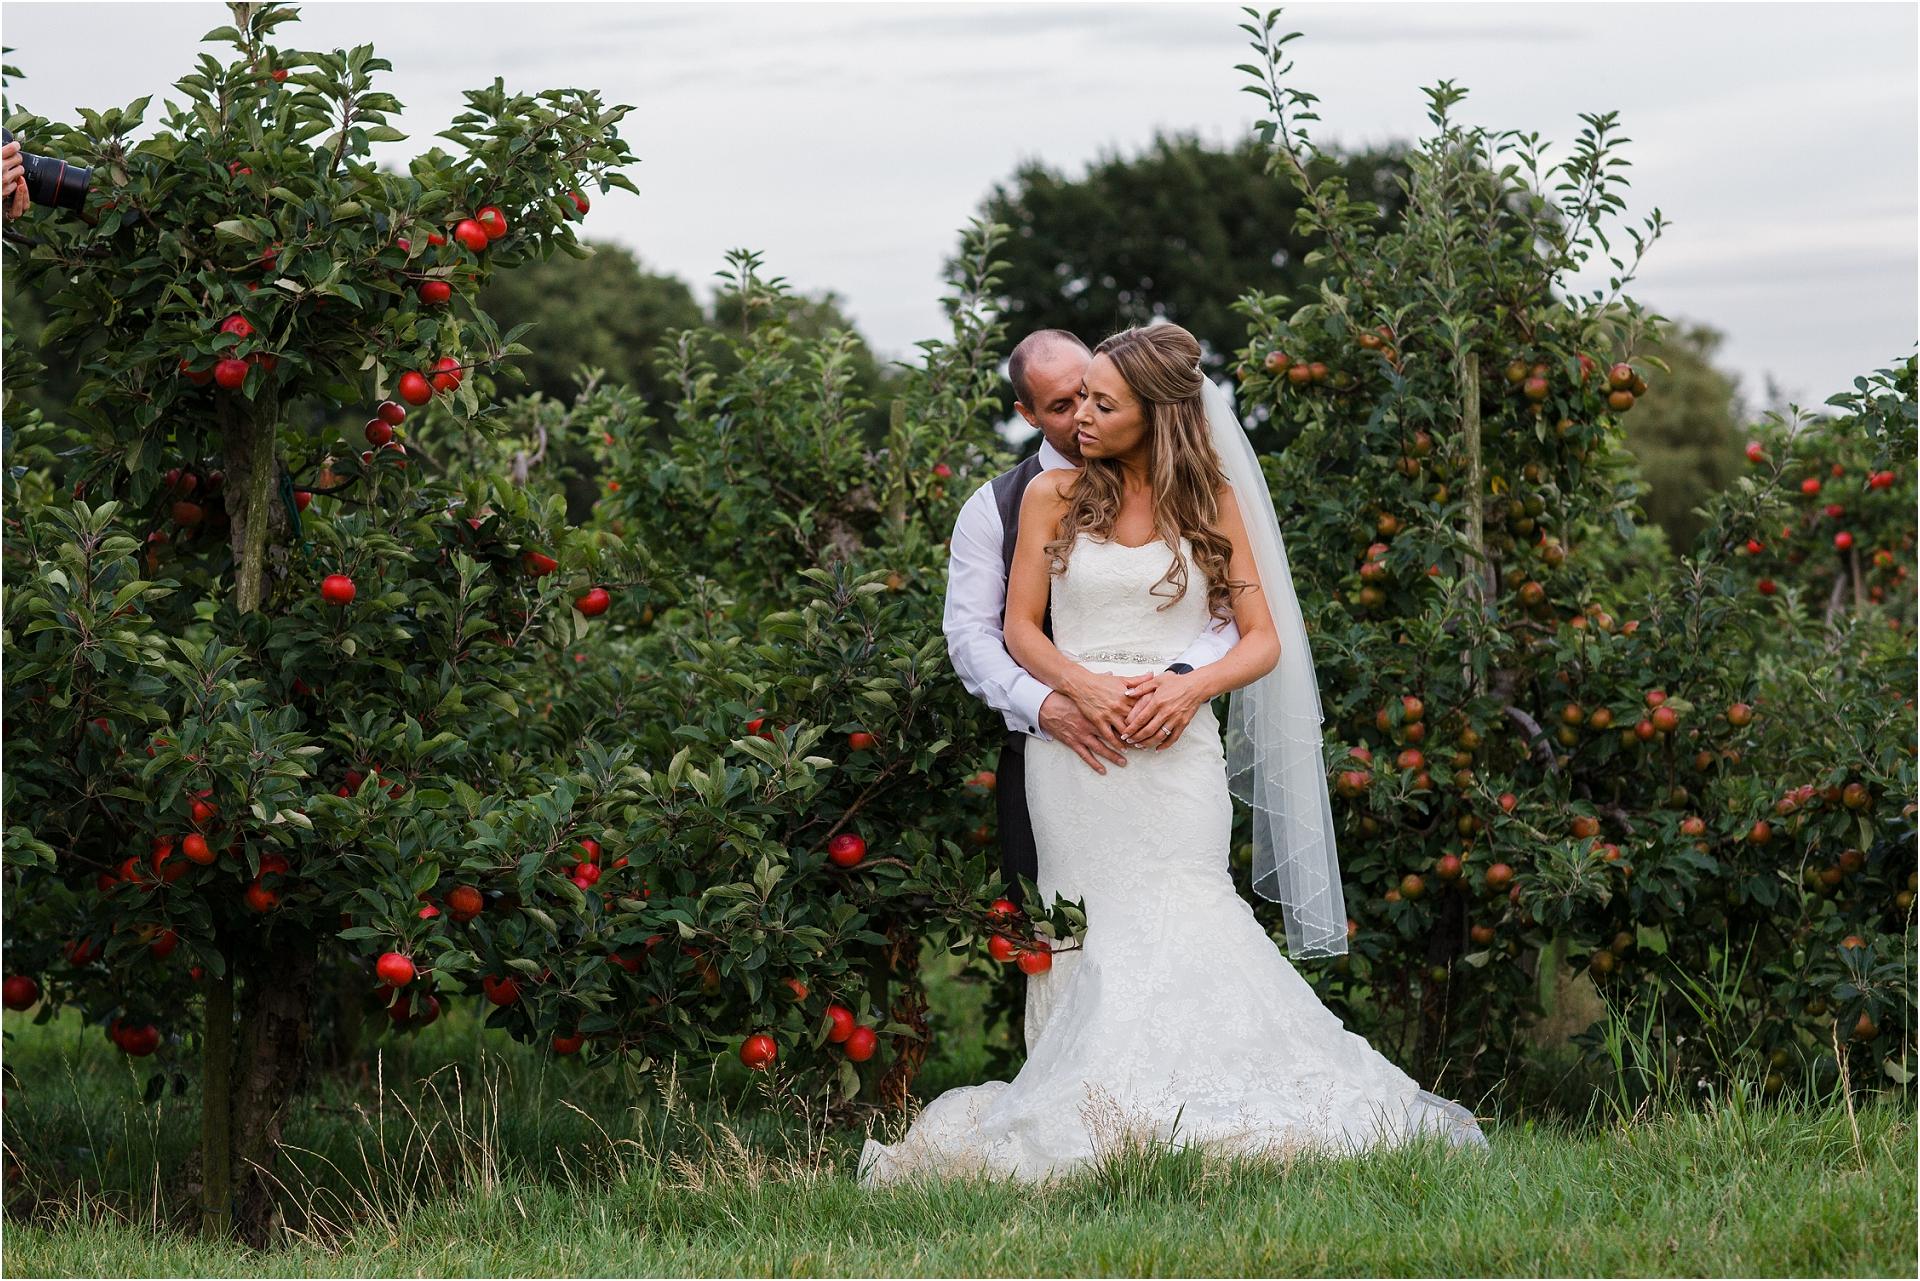 wedding-photography-norwood-park_0070